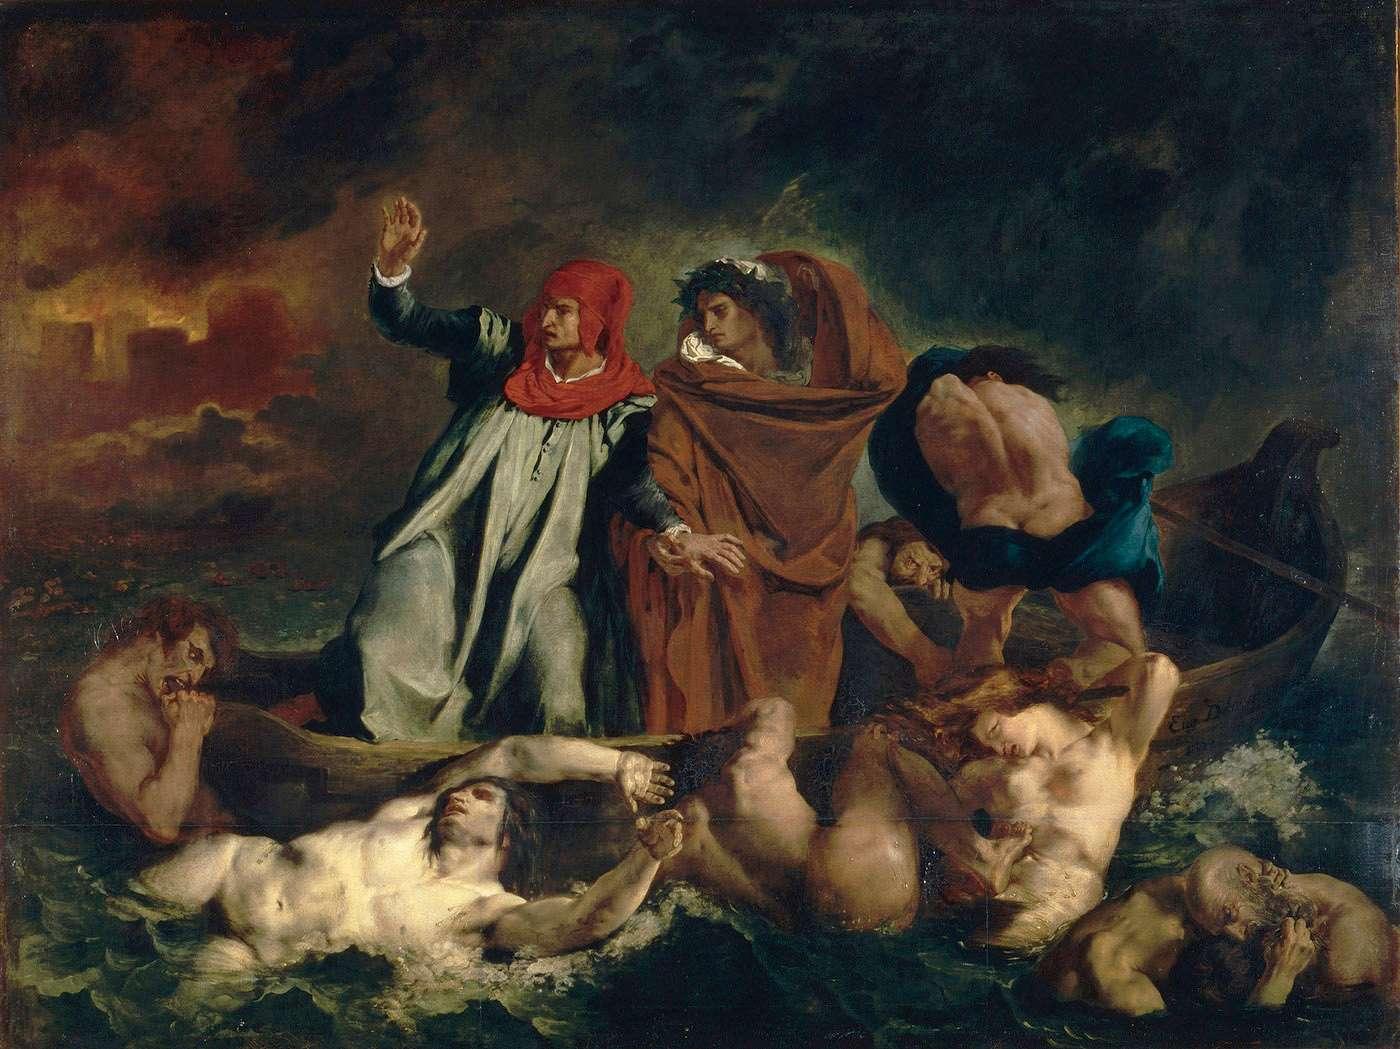 2-dante-y-virgilio-en-el-infierno-1822-delacroix